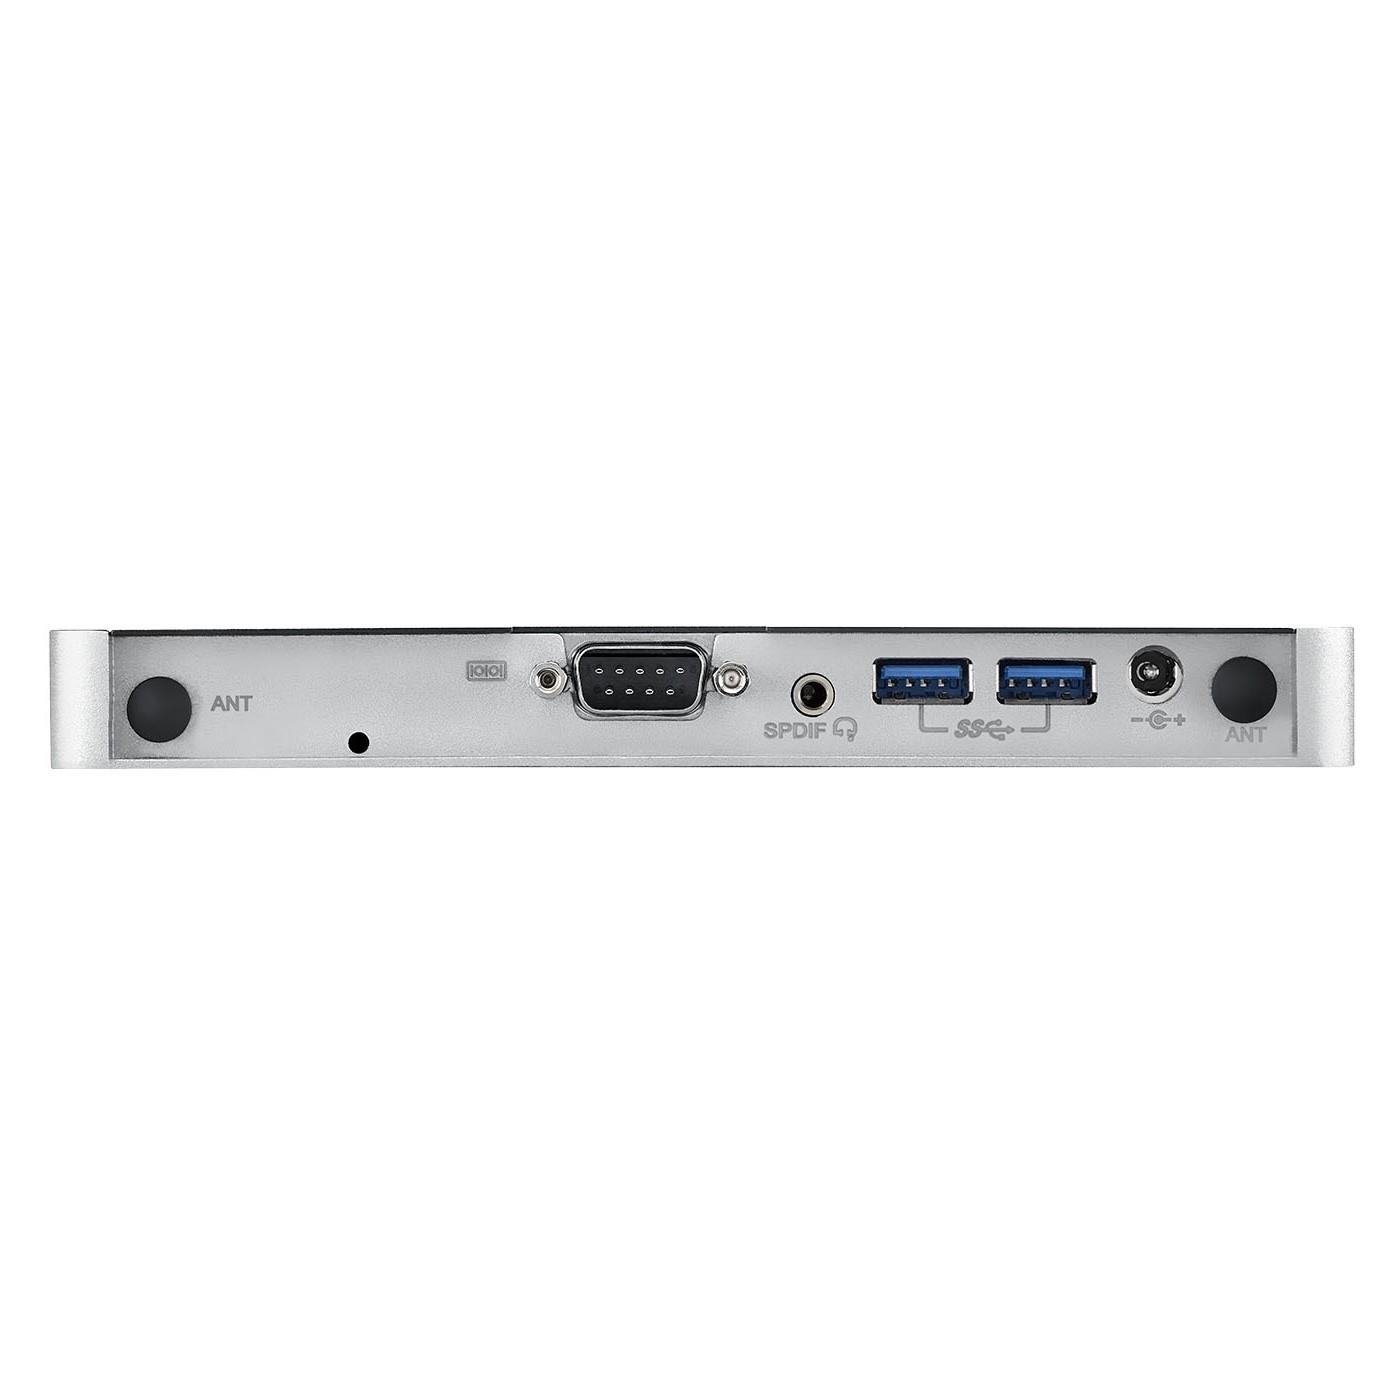 DS-081GB-U3A1E